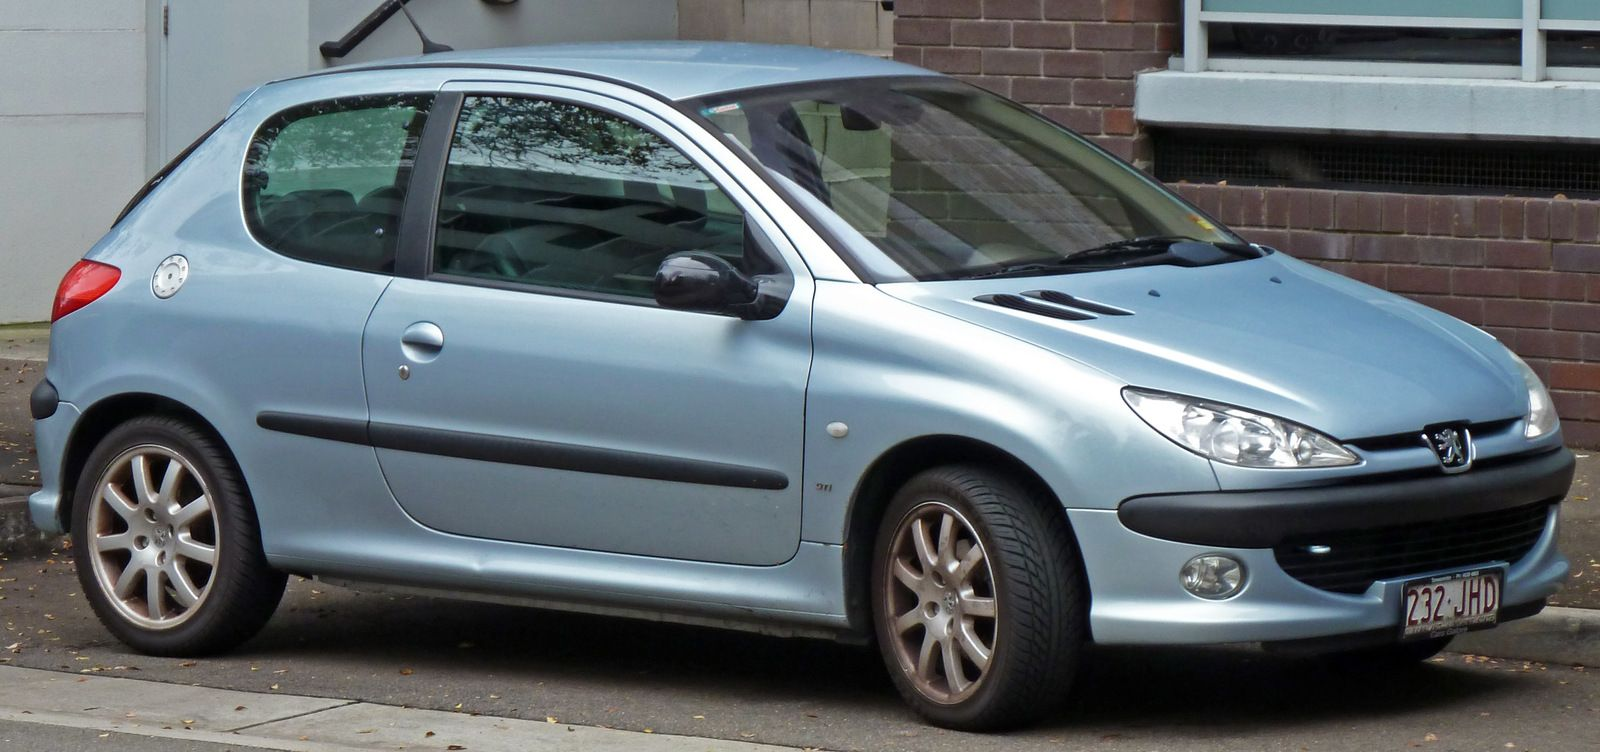 2001-2003_Peugeot_206_T1_GTi_3-door_hatchback_01.jpg